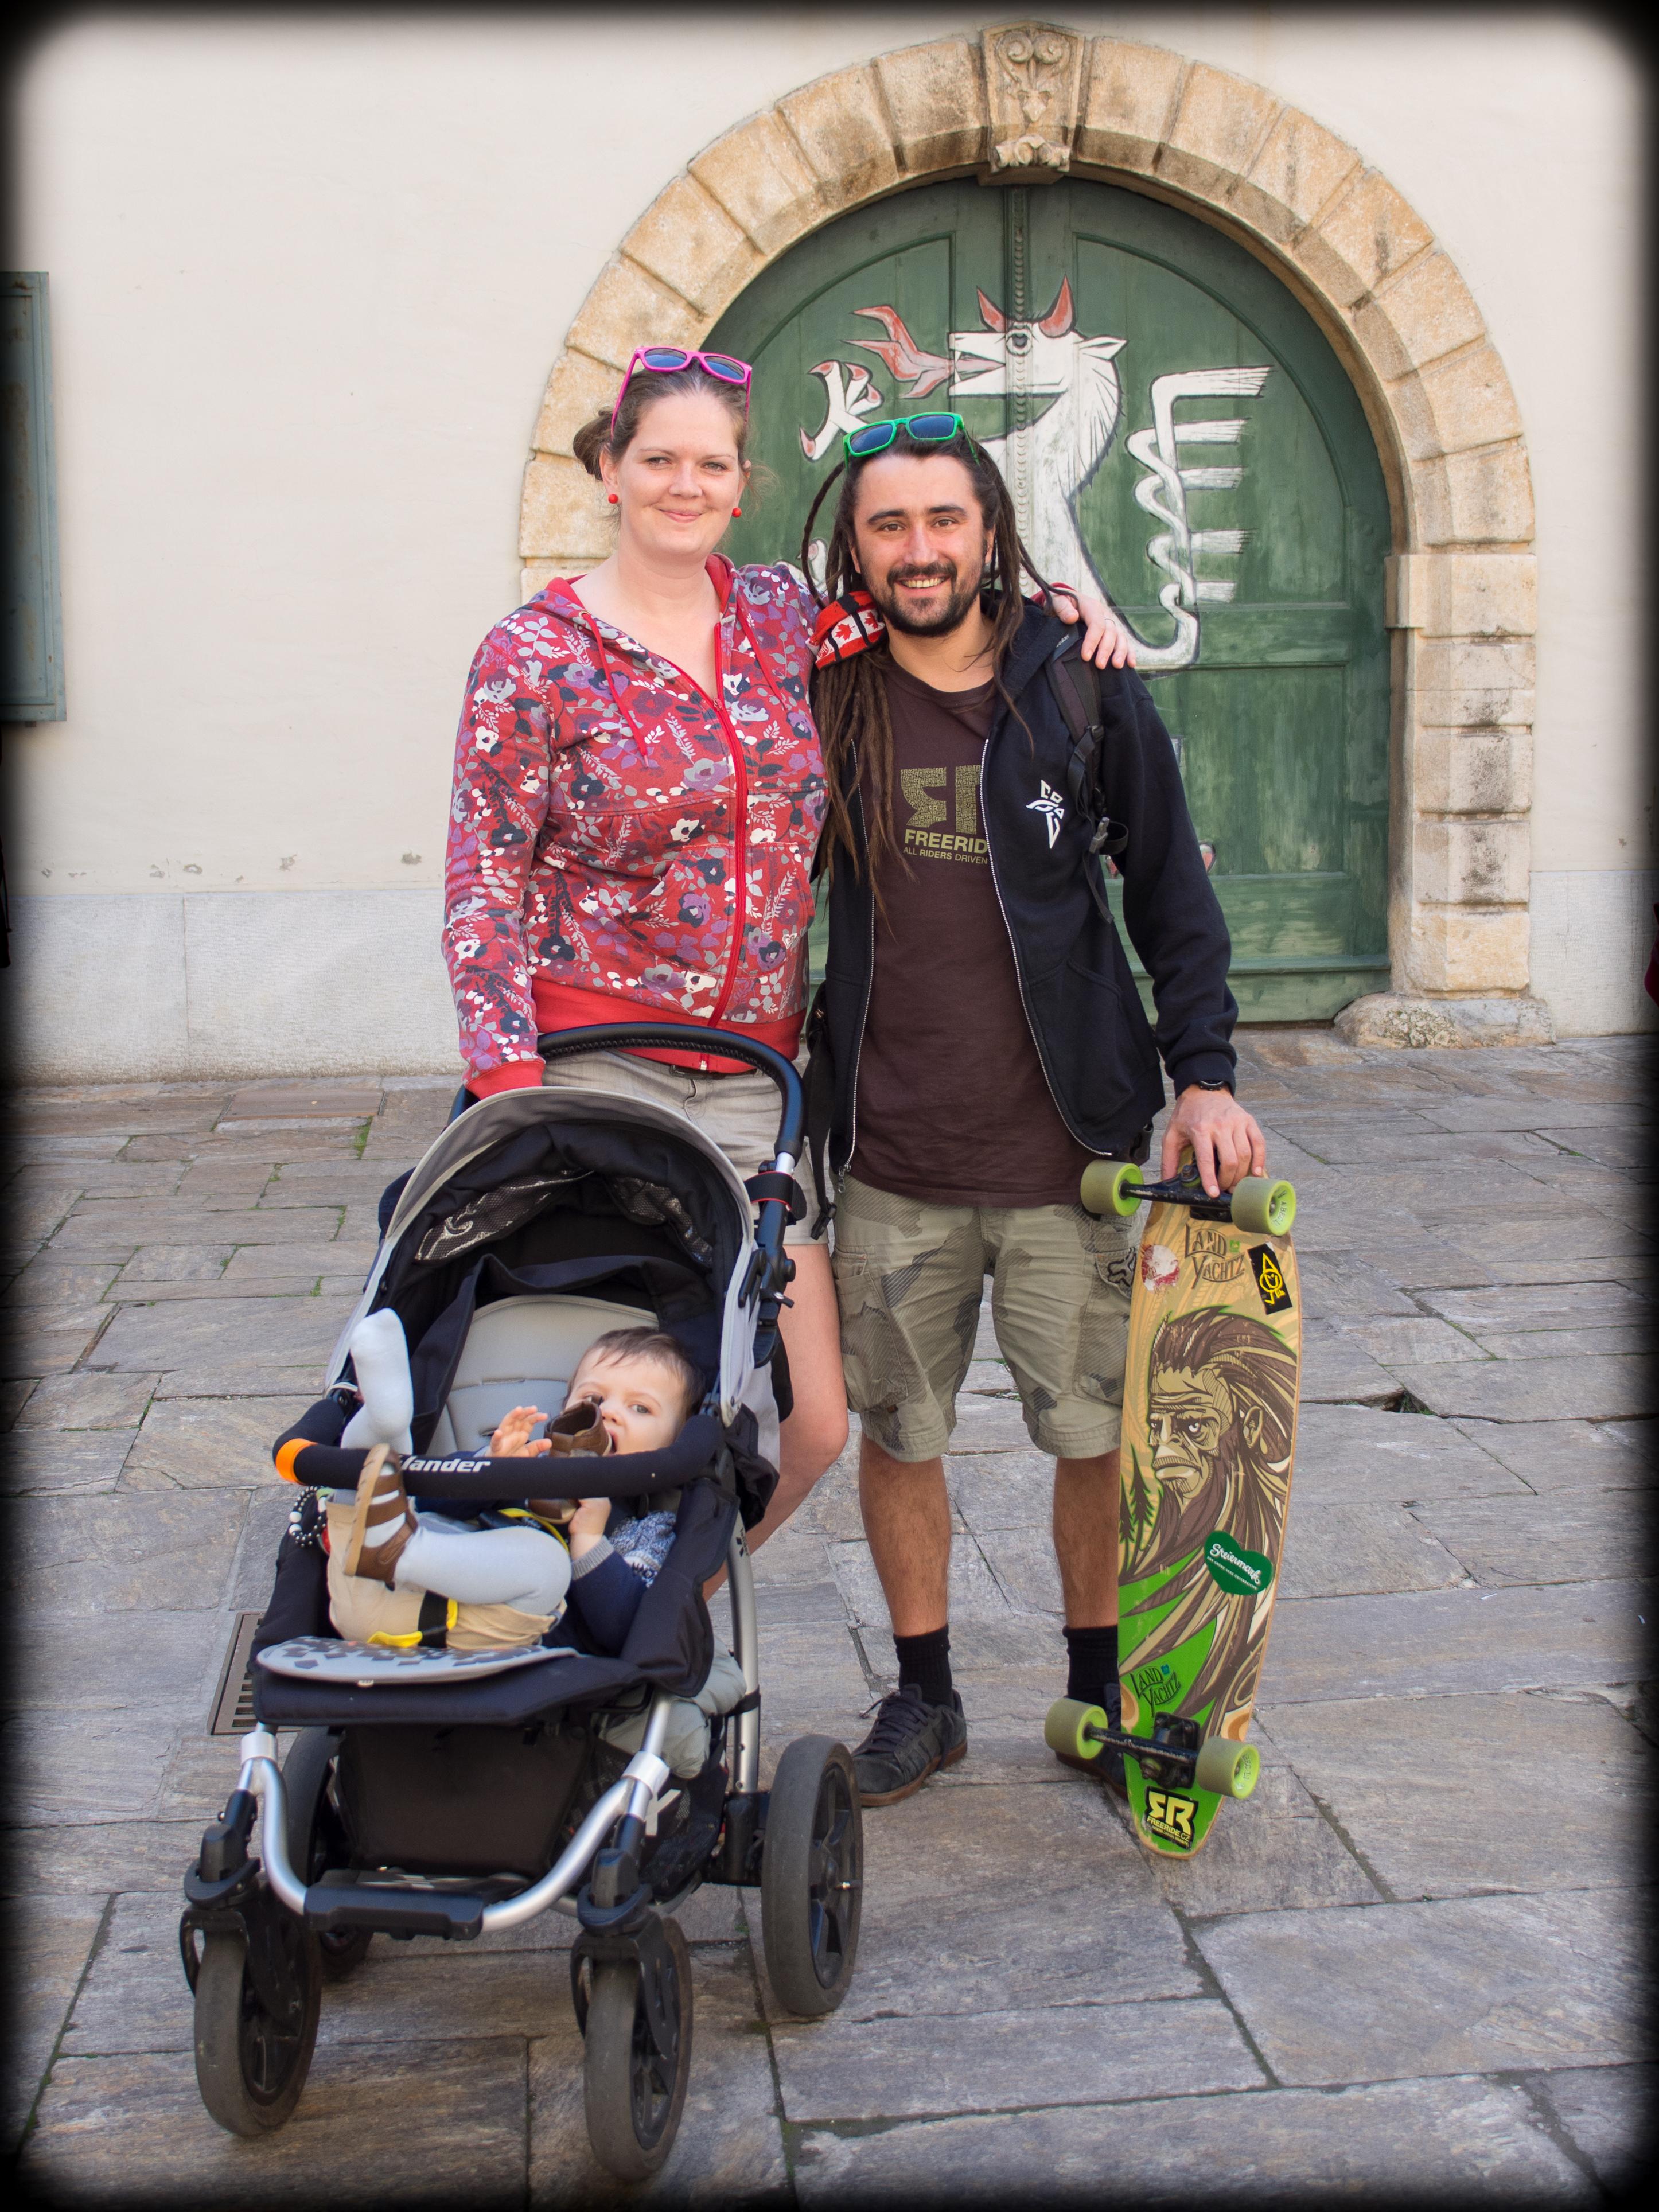 Mission Day als Event für die ganze Familie - Foto: http://amne.sieht.at